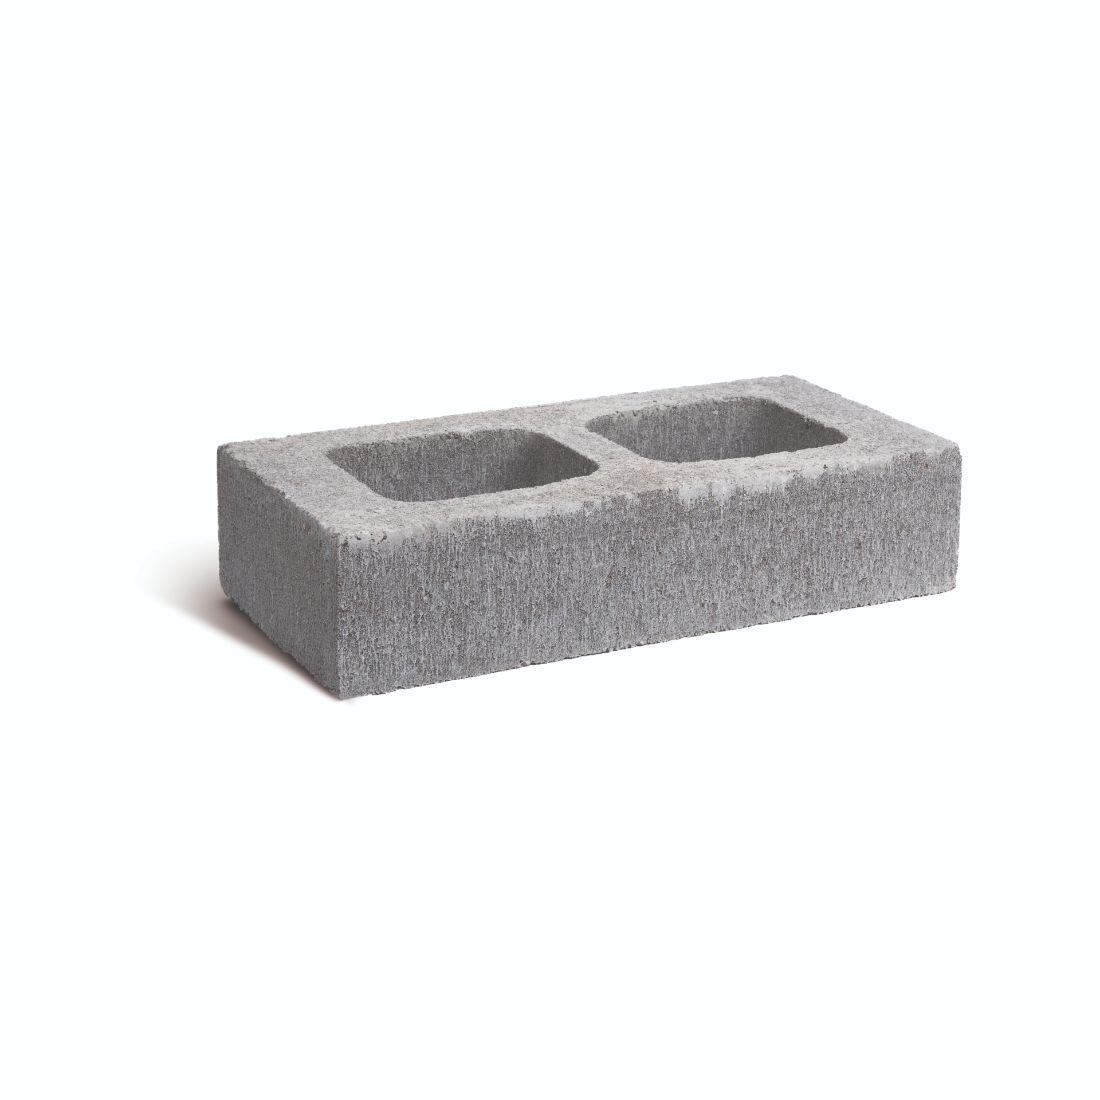 H20.04 Plain End Half High Block 390 x 190 x 90mm